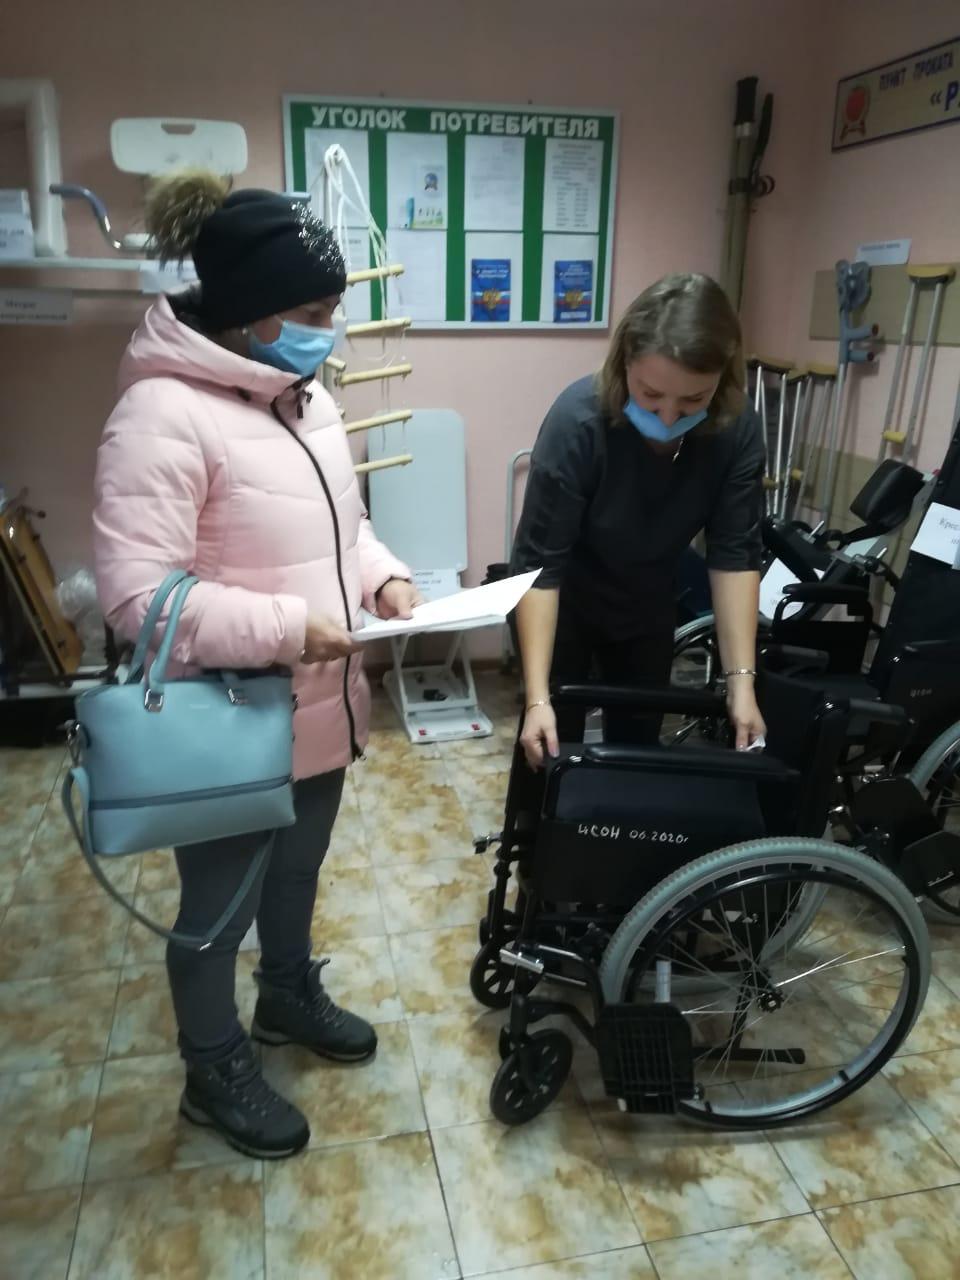 консультация специалистом по использованию кресла-коляски